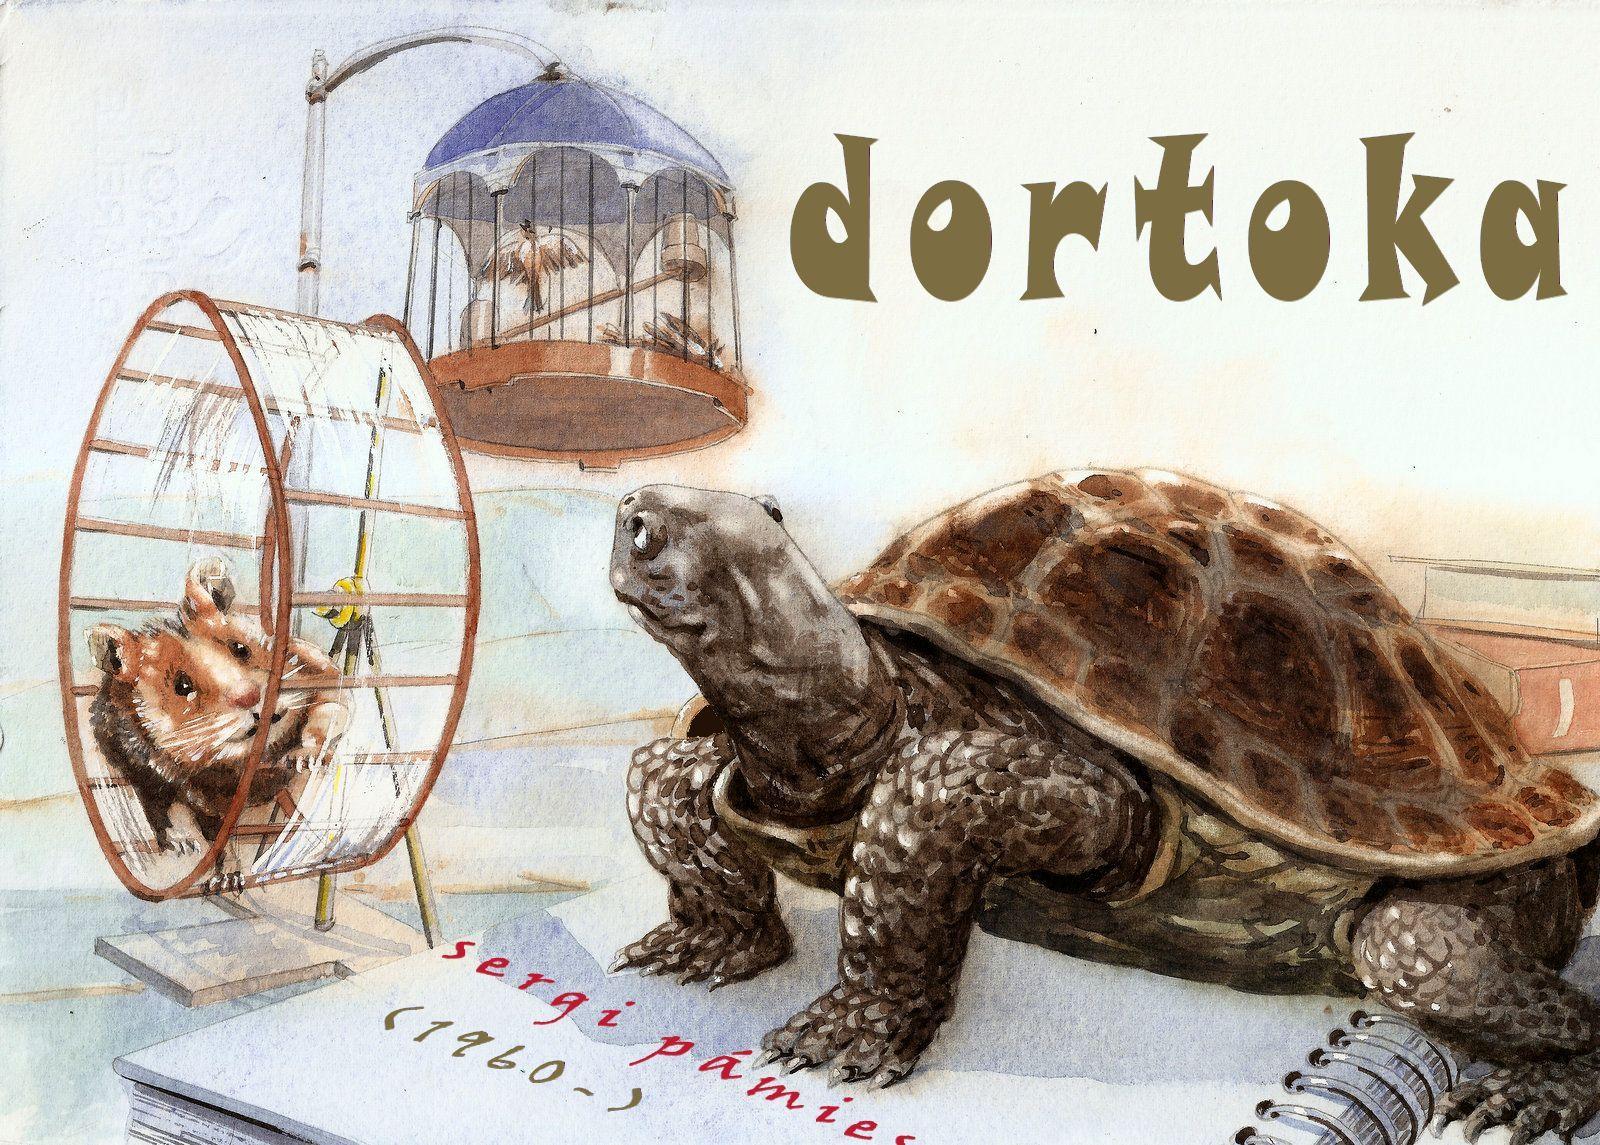 Dortoka